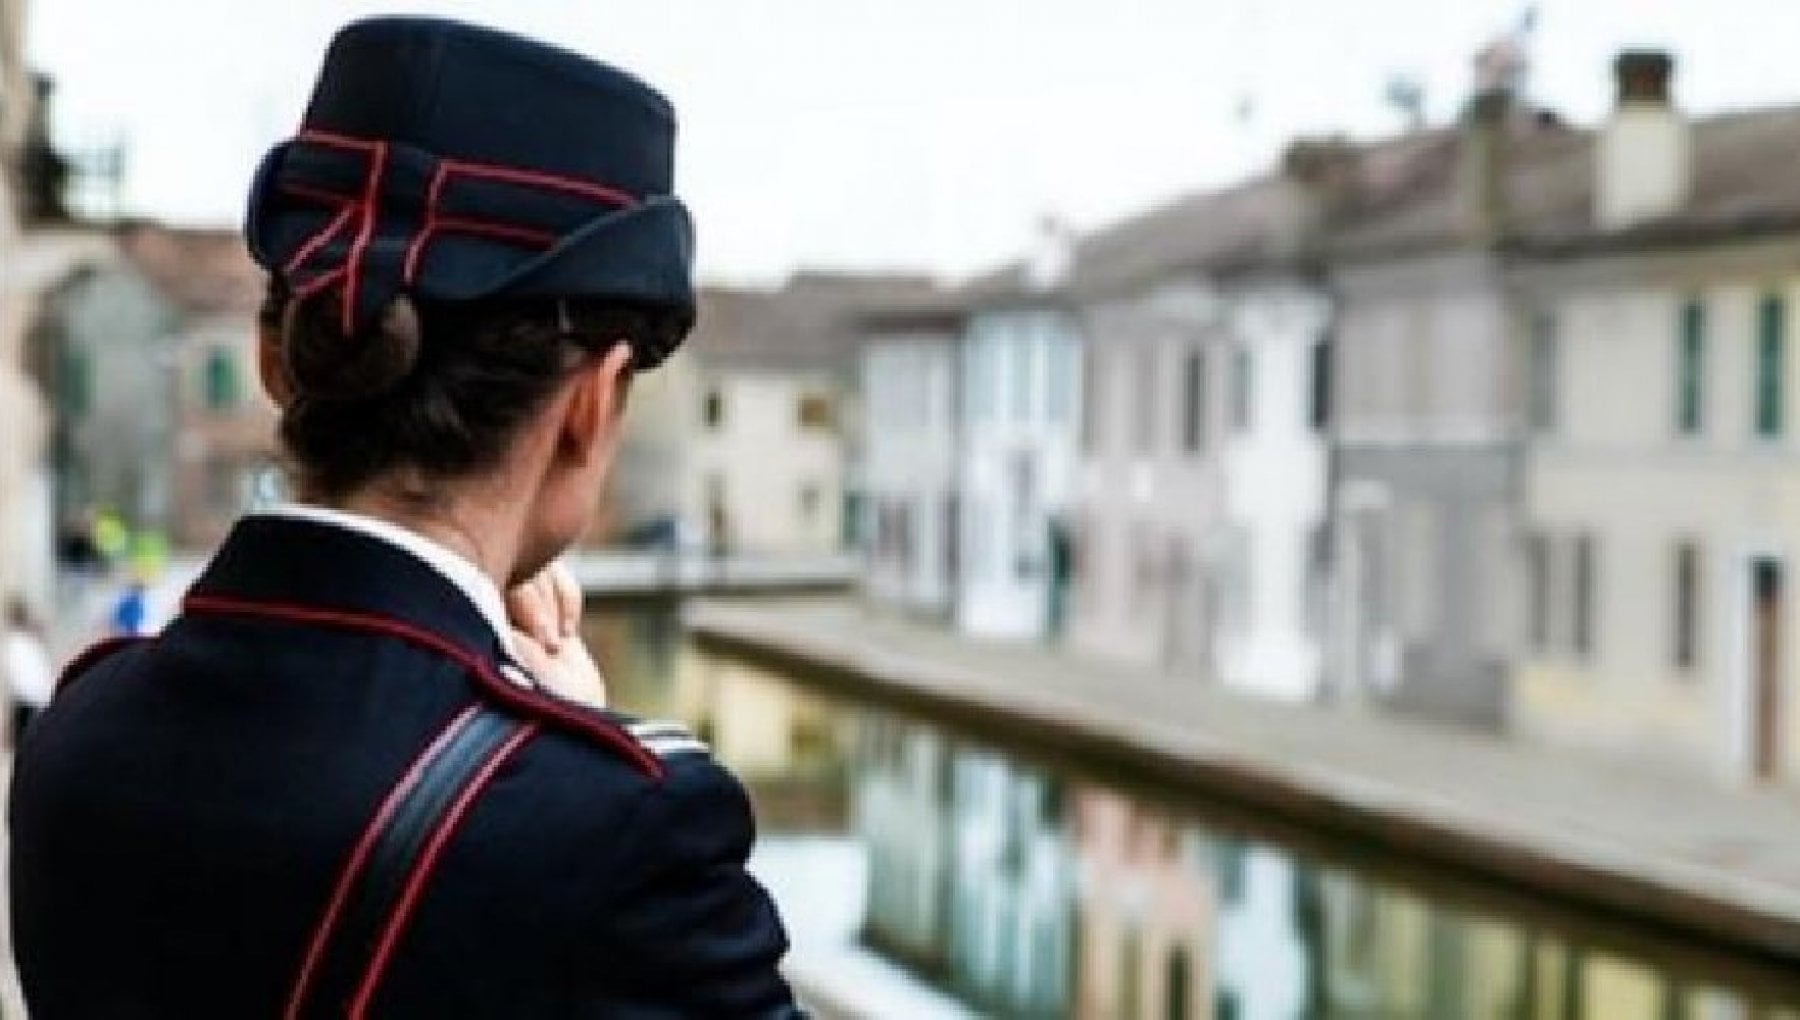 Torino una carabiniera nella rete del revenge porn Mandami altre foto hot o diro tutto ai tuoi superiori